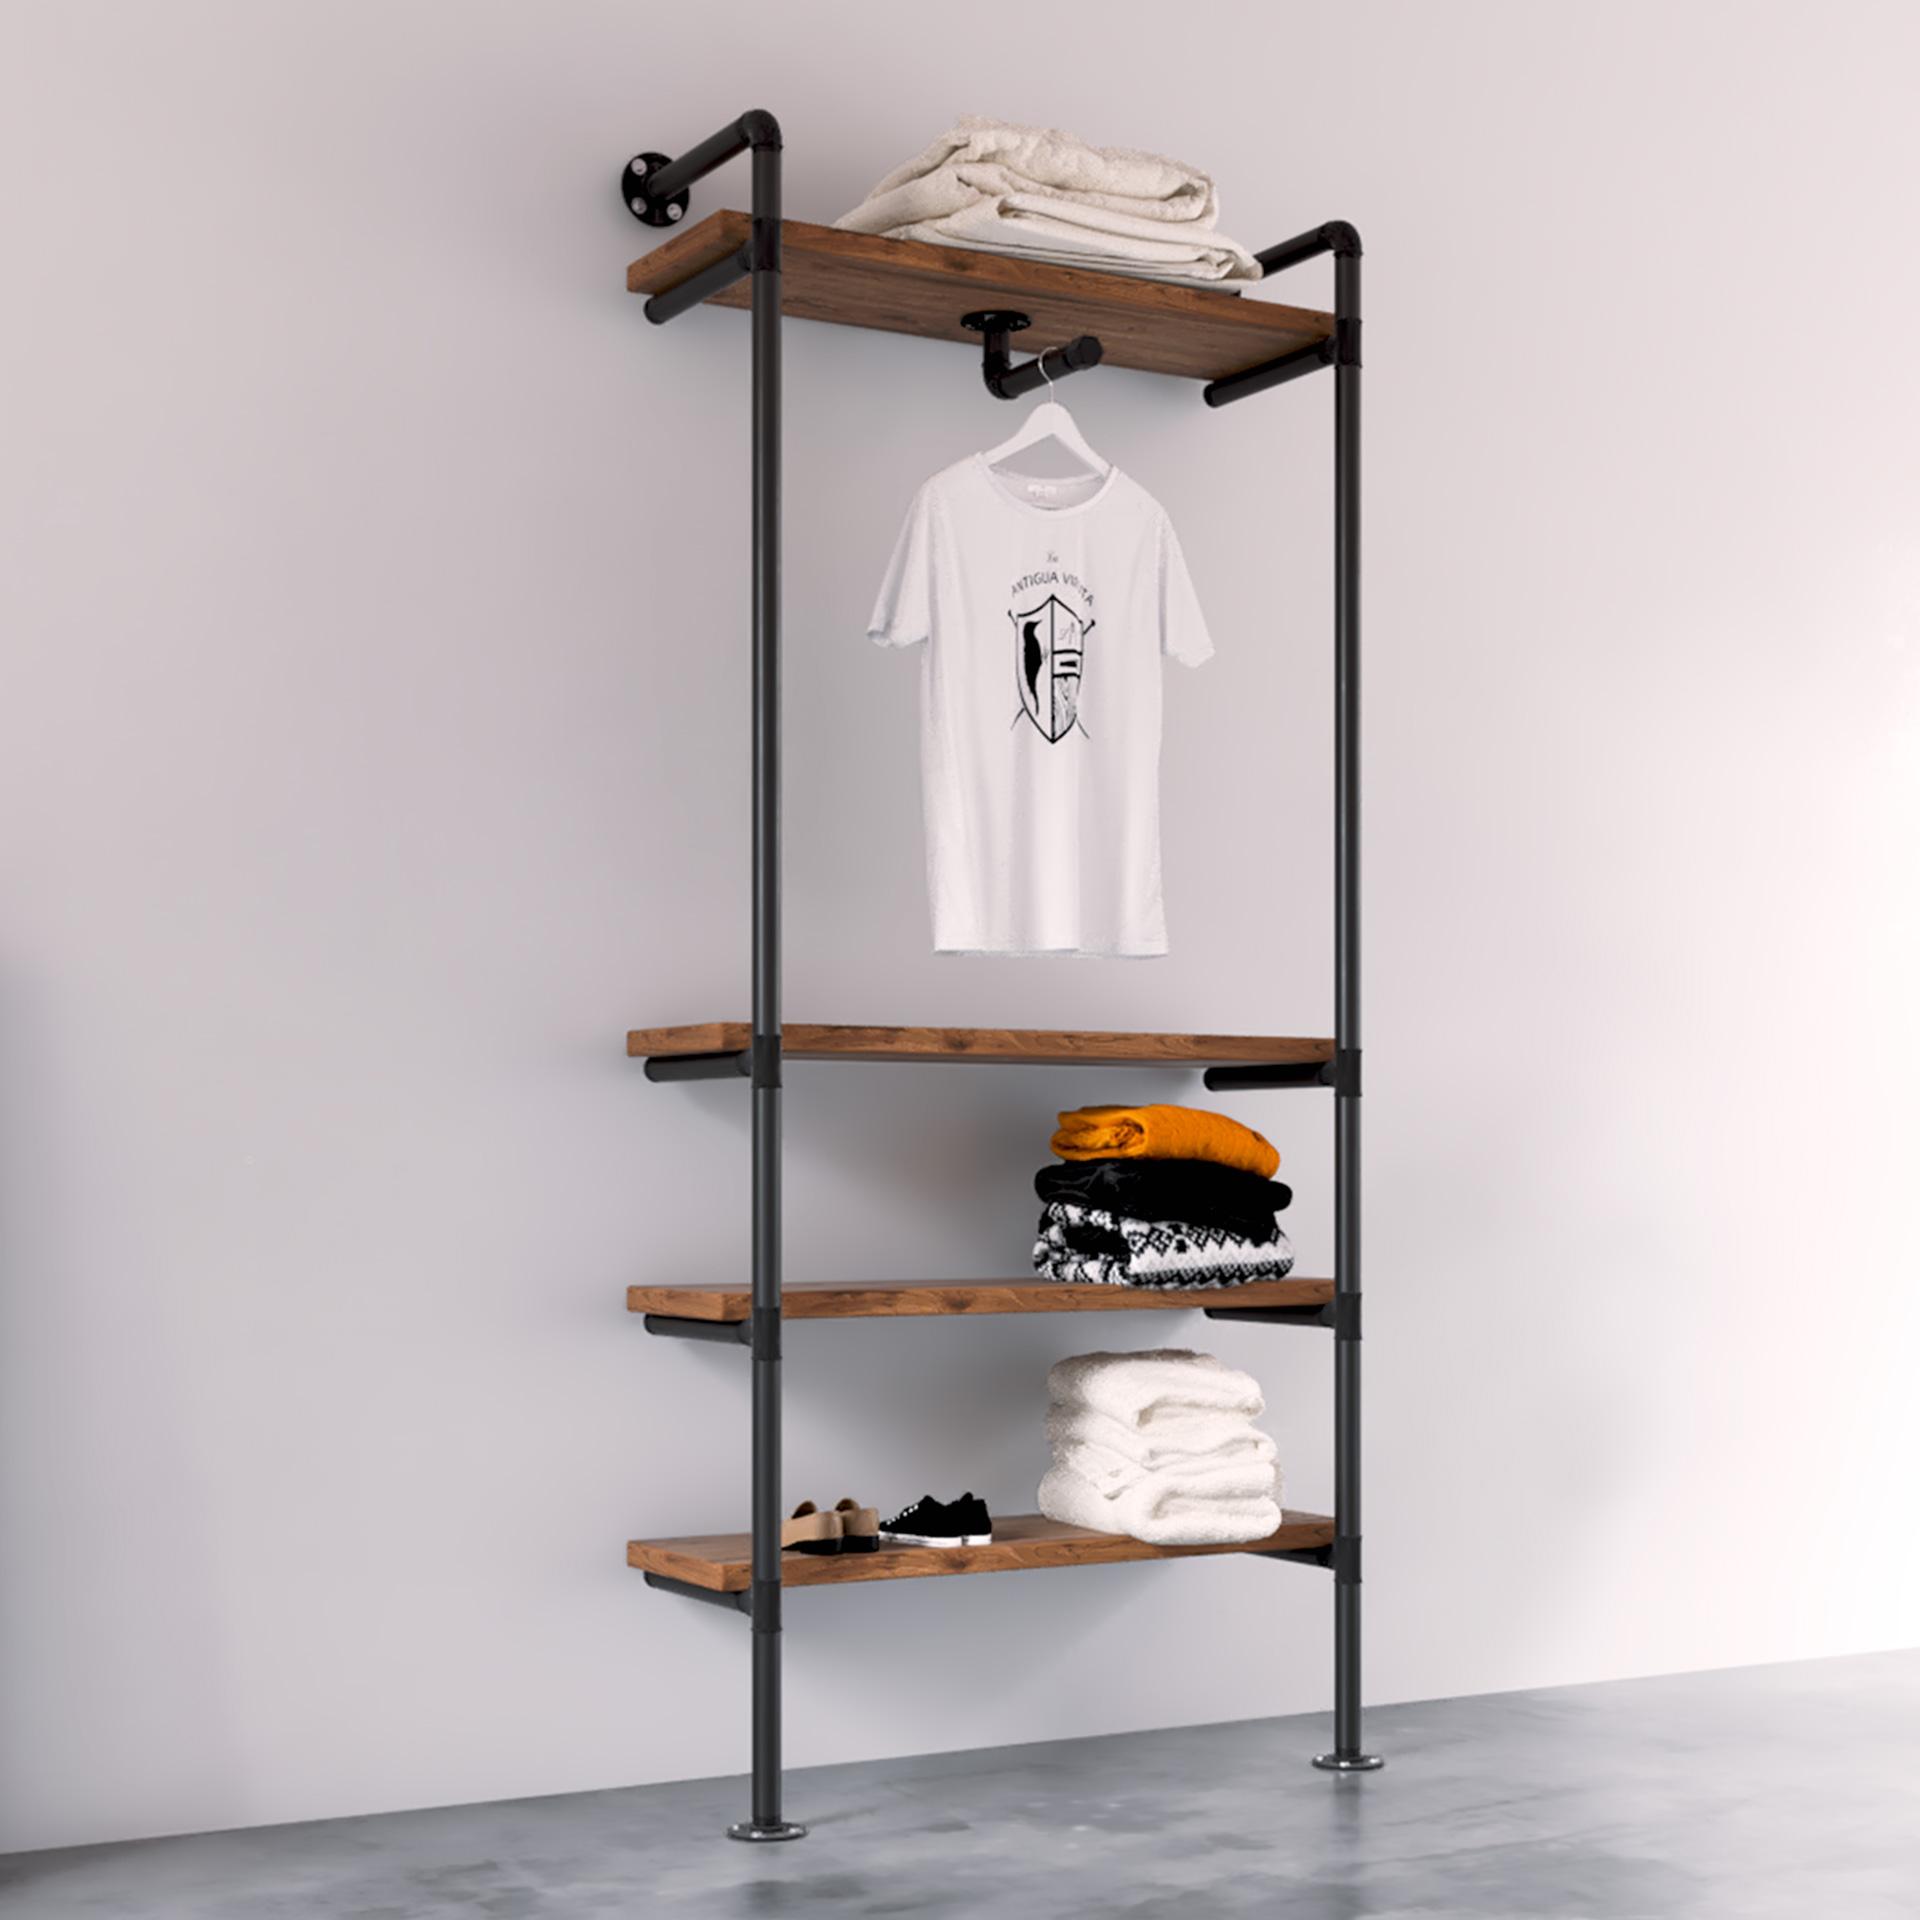 modelo Gamma Burro ropa industrial vintage estilo gondola rack tiendas La Antigua Viruta